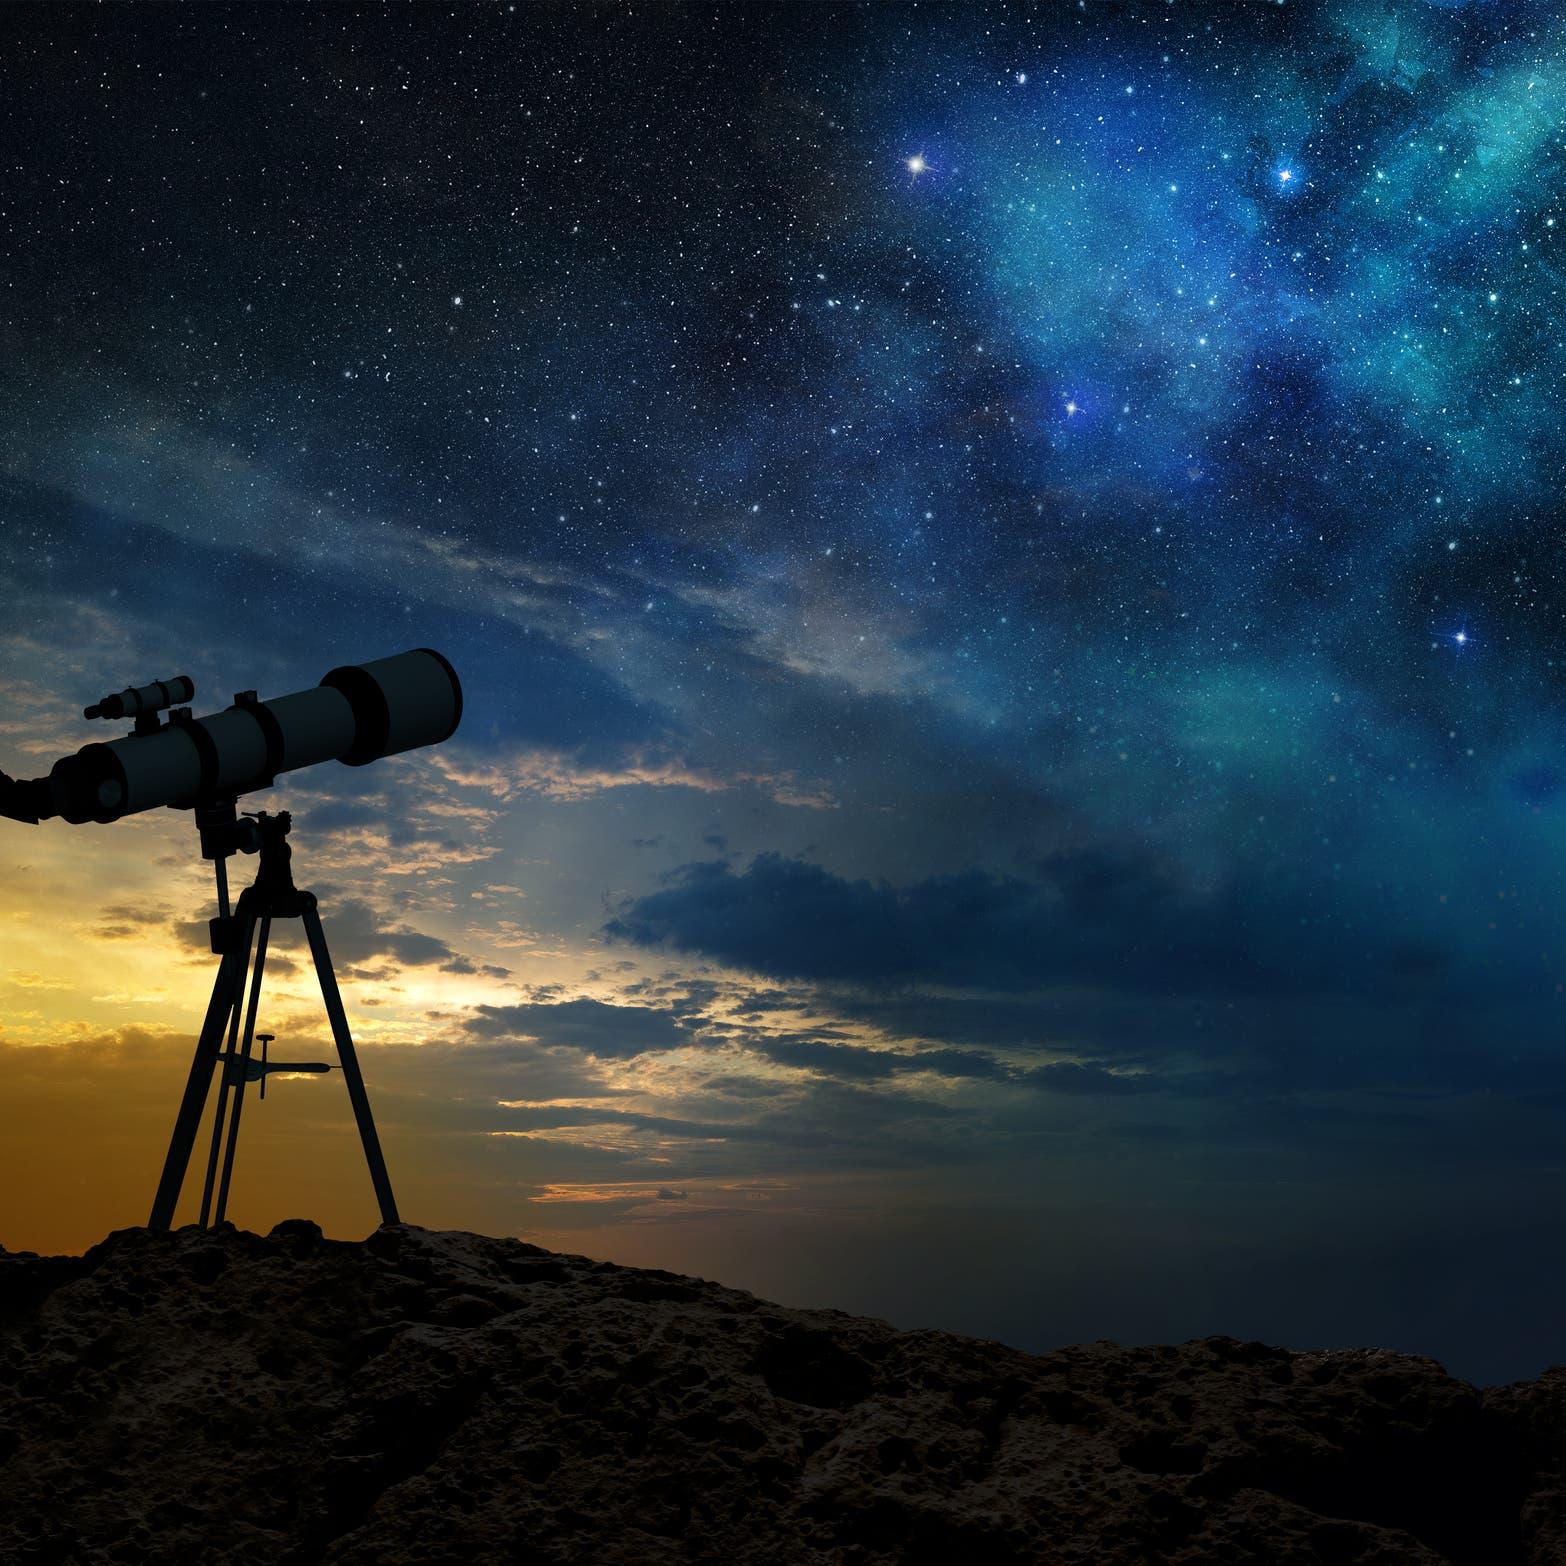 ظواهر فلكية مدهشة نشهدها اليوم.. ما هي؟